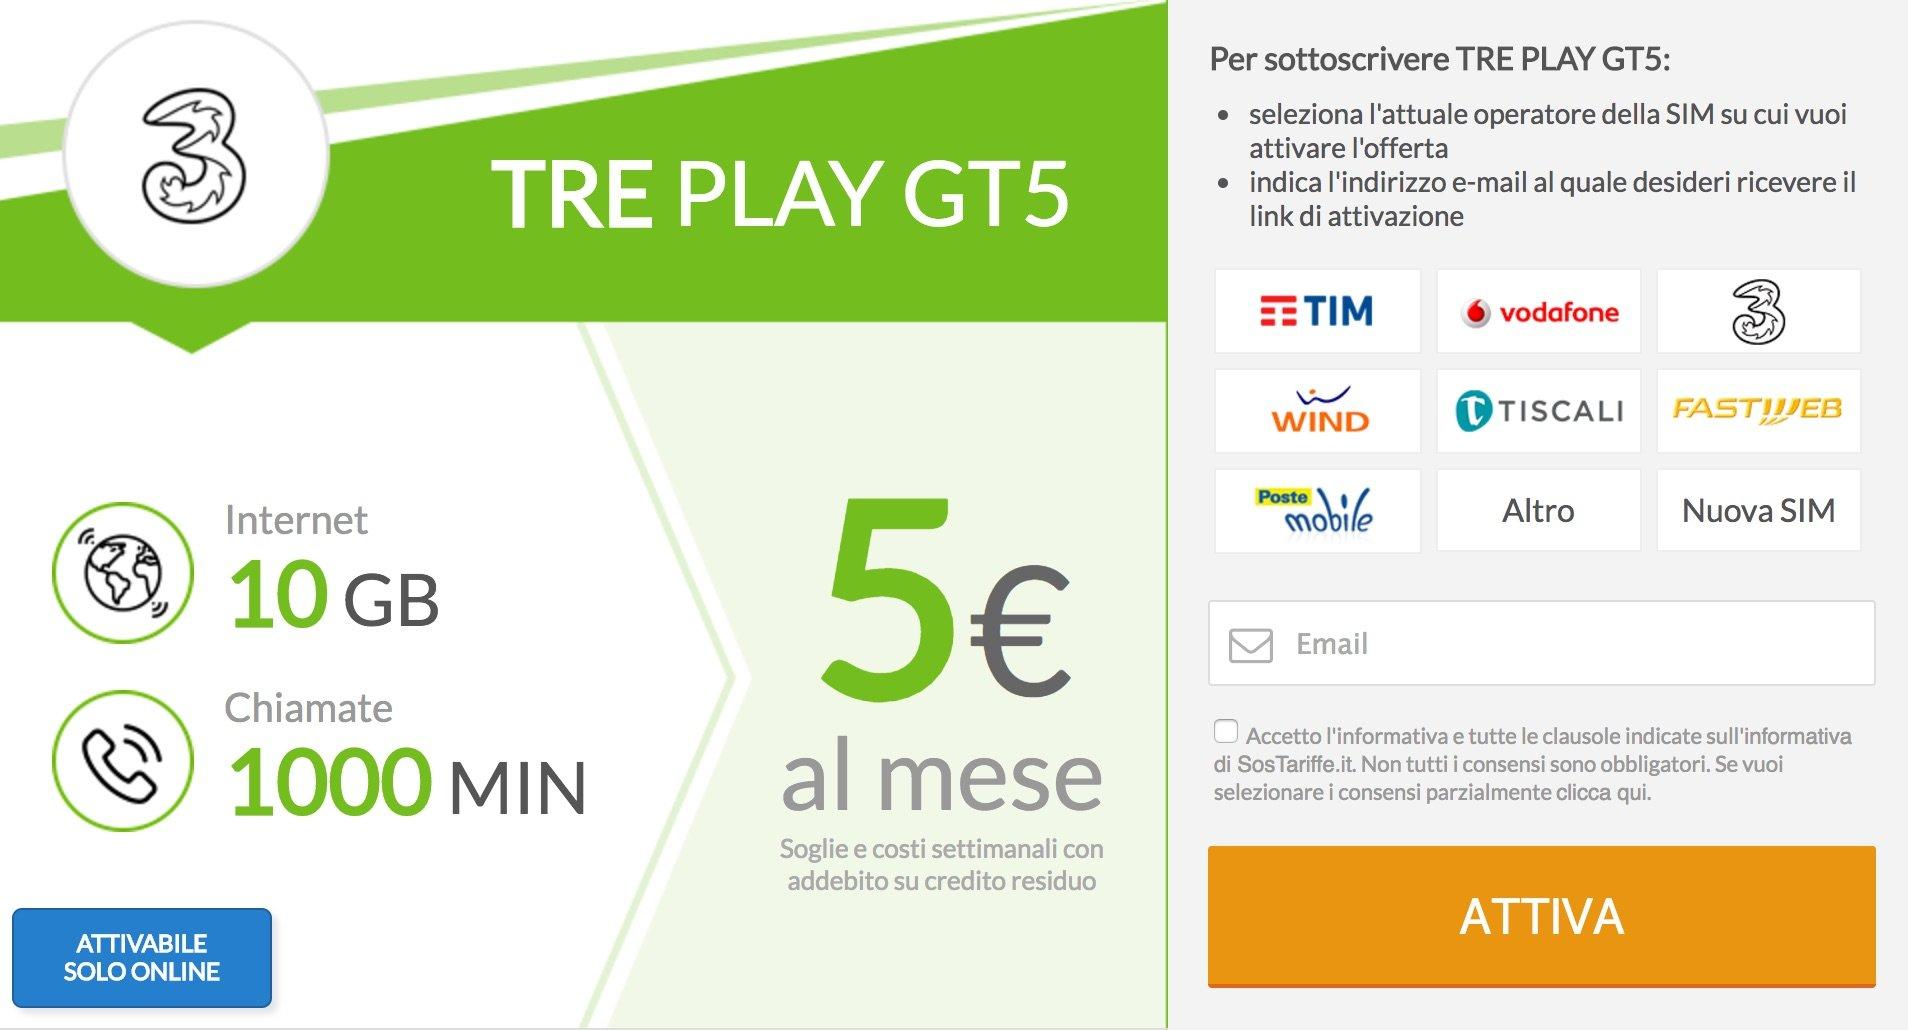 Tre rilancia ancora: ben 1000 minuti e 20GB a soli 7€